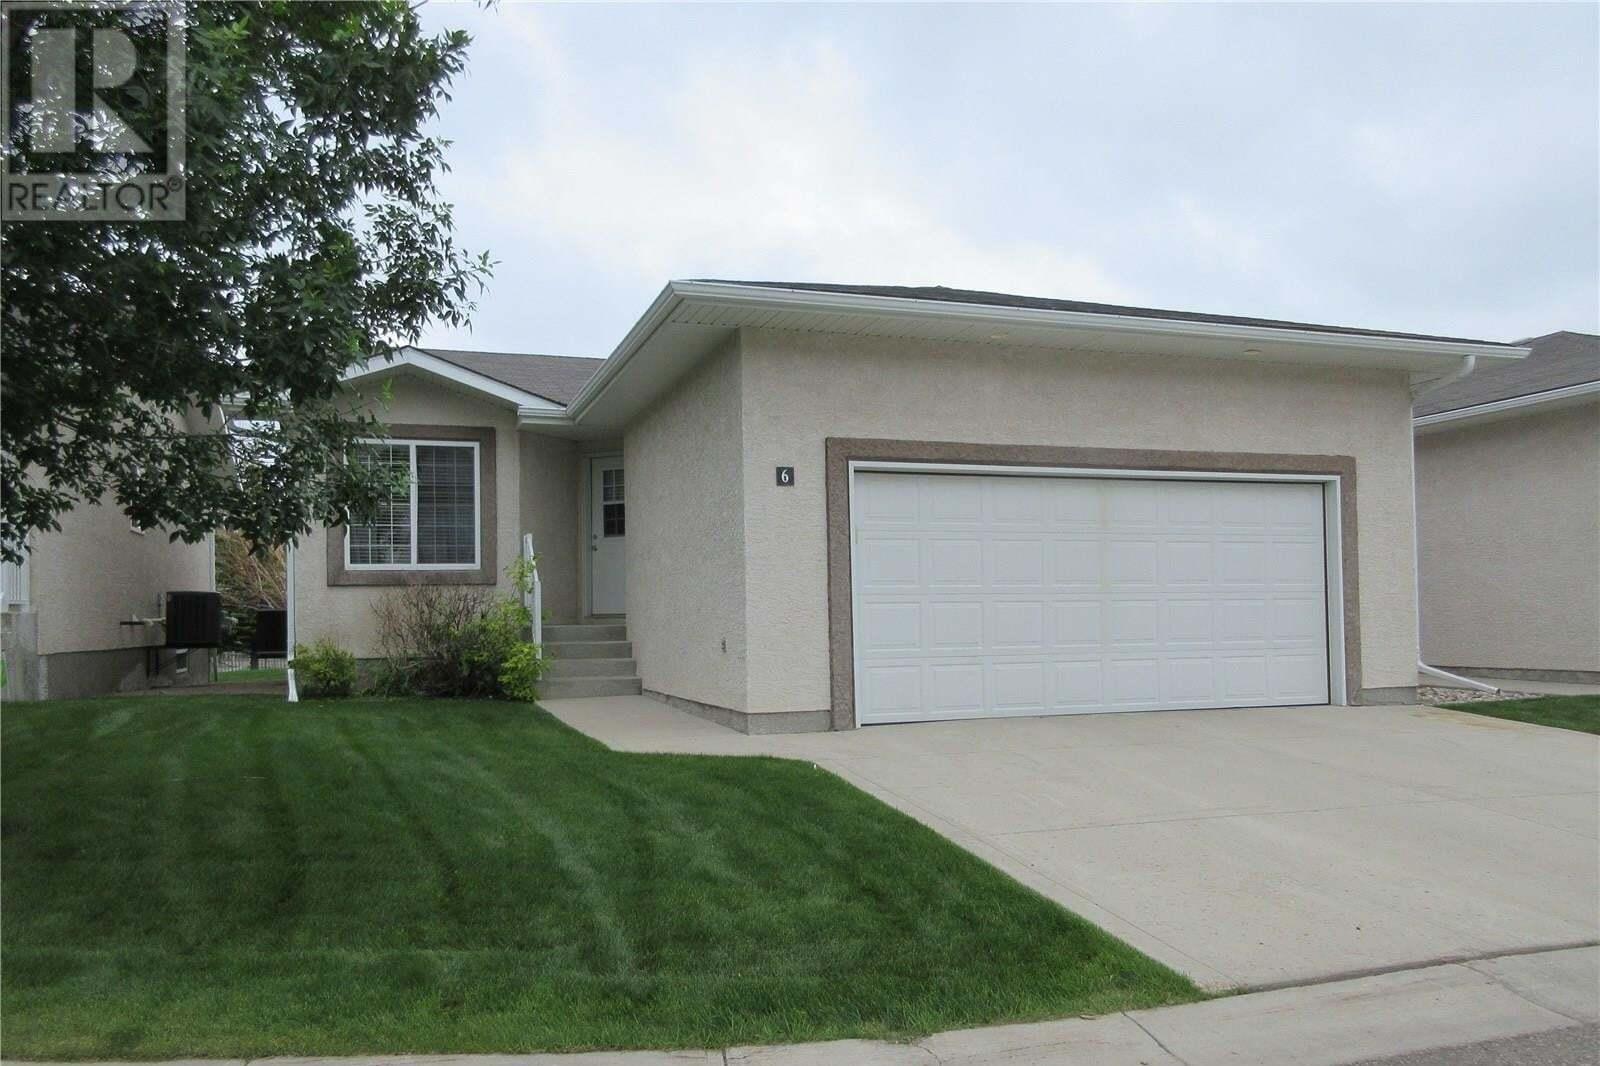 House for sale at 4425 Nicurity Dr Unit 6 Regina Saskatchewan - MLS: SK814497